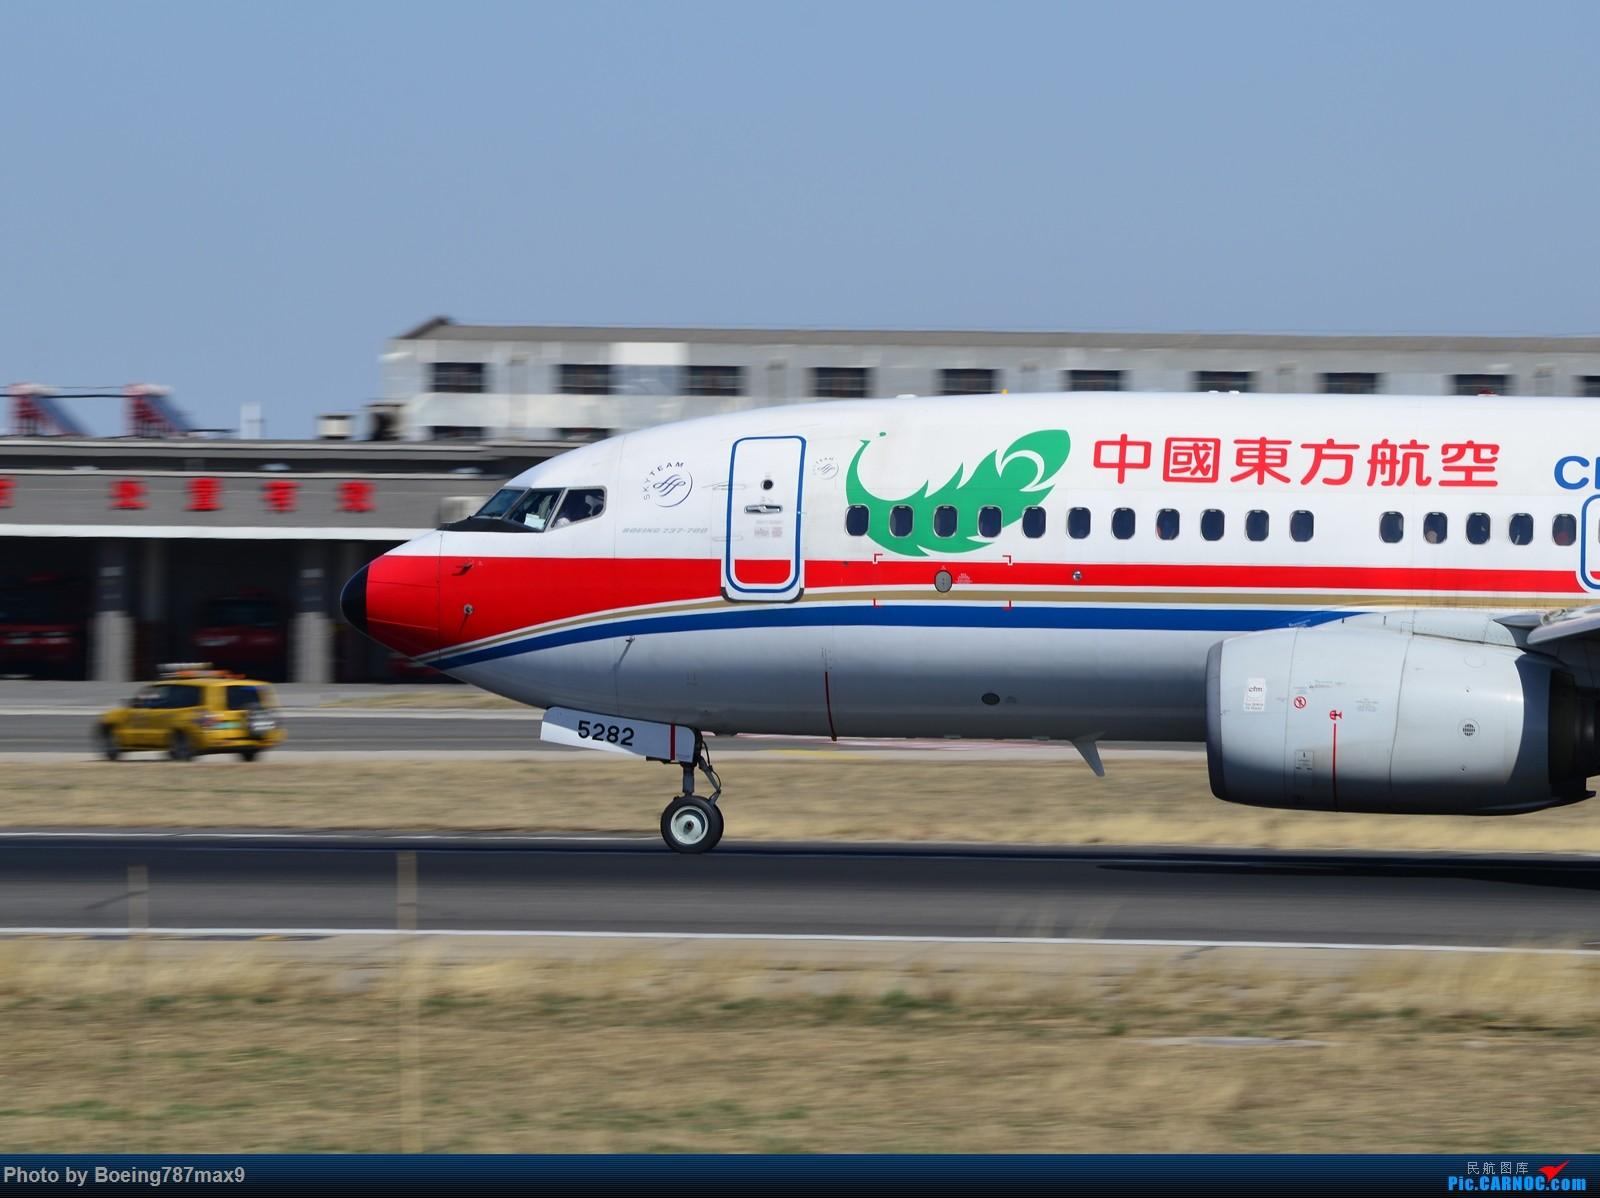 Re:[原创]【PEK】第一次去西跑,发几张大头【1600*高清大图】 BOEING 737-700 B-5282 中国北京首都国际机场